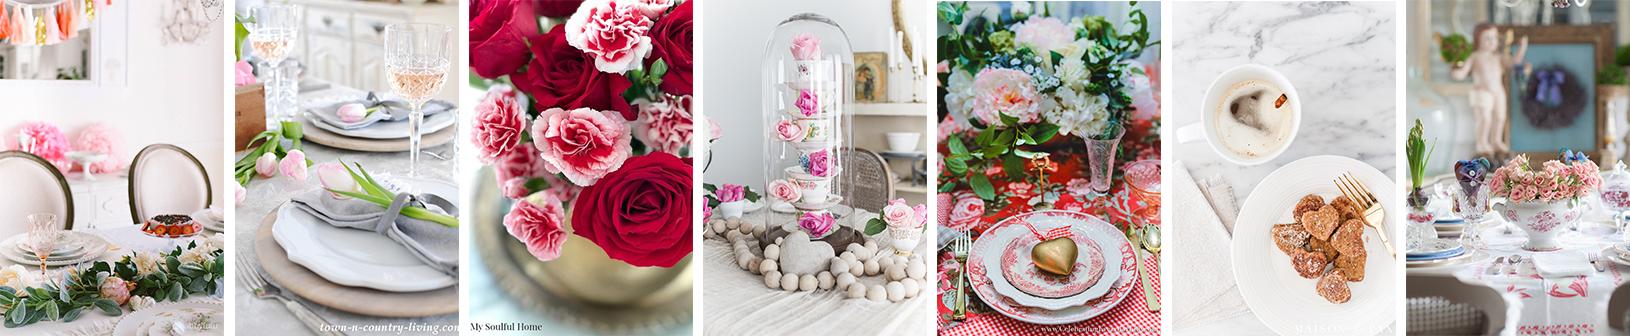 Valentine's Day Styled + Set